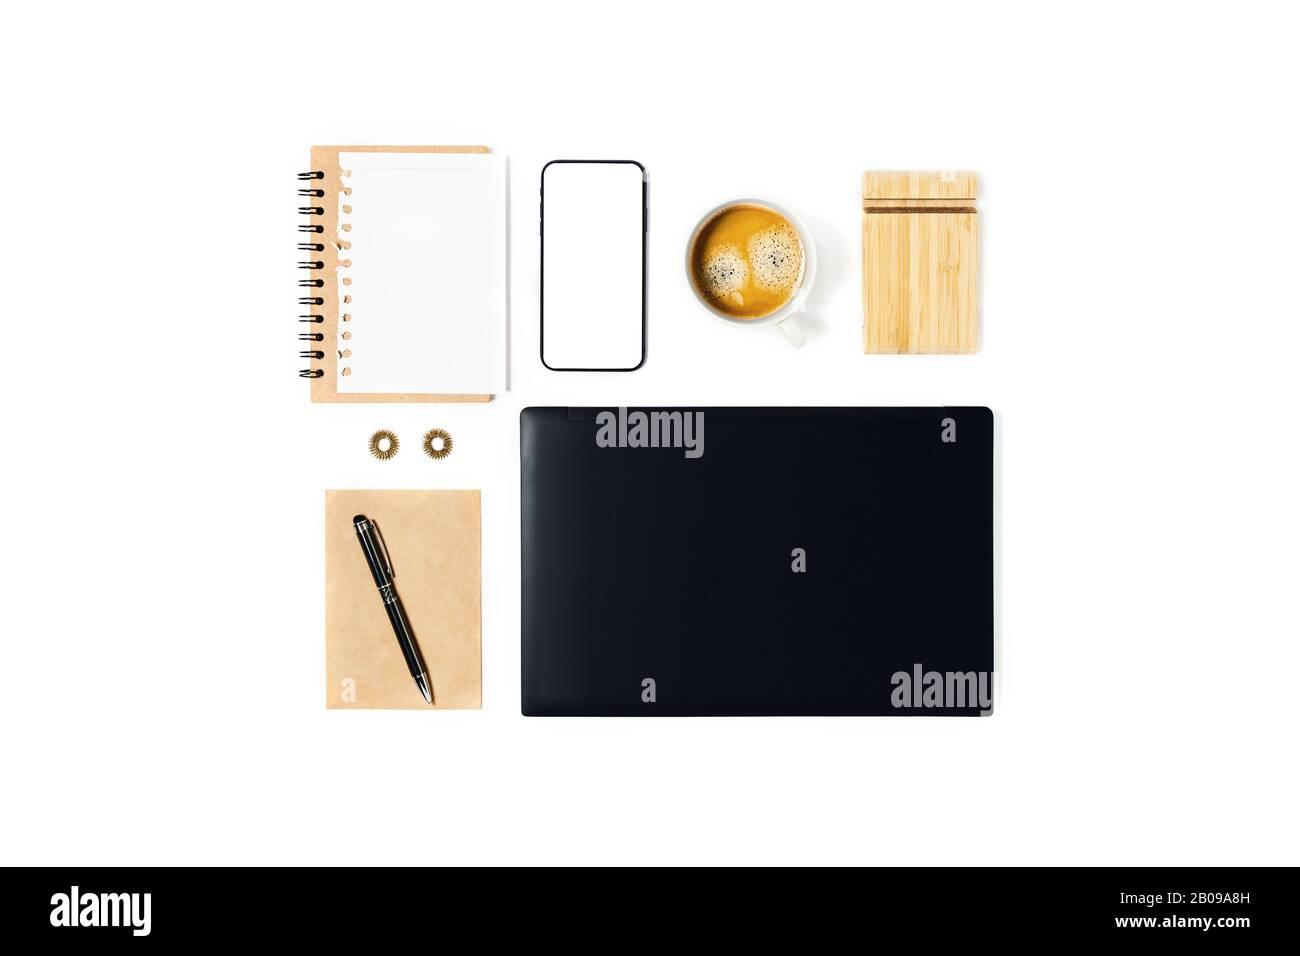 Espace de travail avec ordinateur portable, ordinateur portable, smartphone, cafetière et stylo, enveloppe sur fond blanc. Banque D'Images